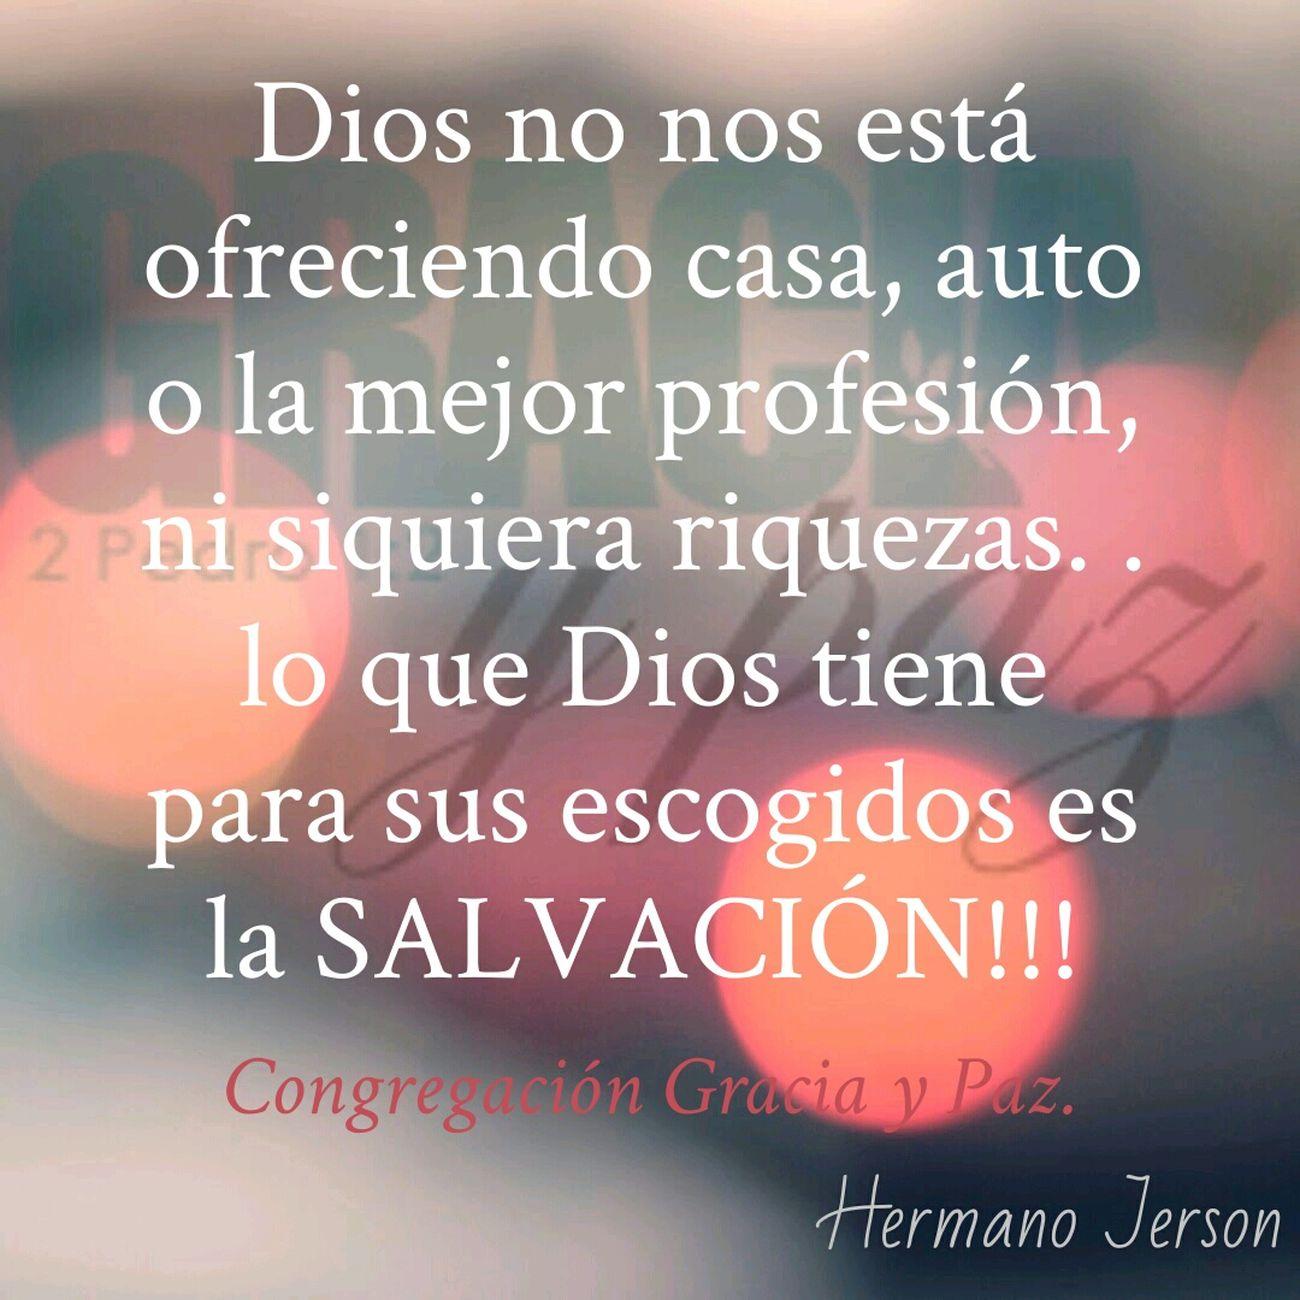 Dios Jesucristo Doctrina CongregacionGraciaYPaz